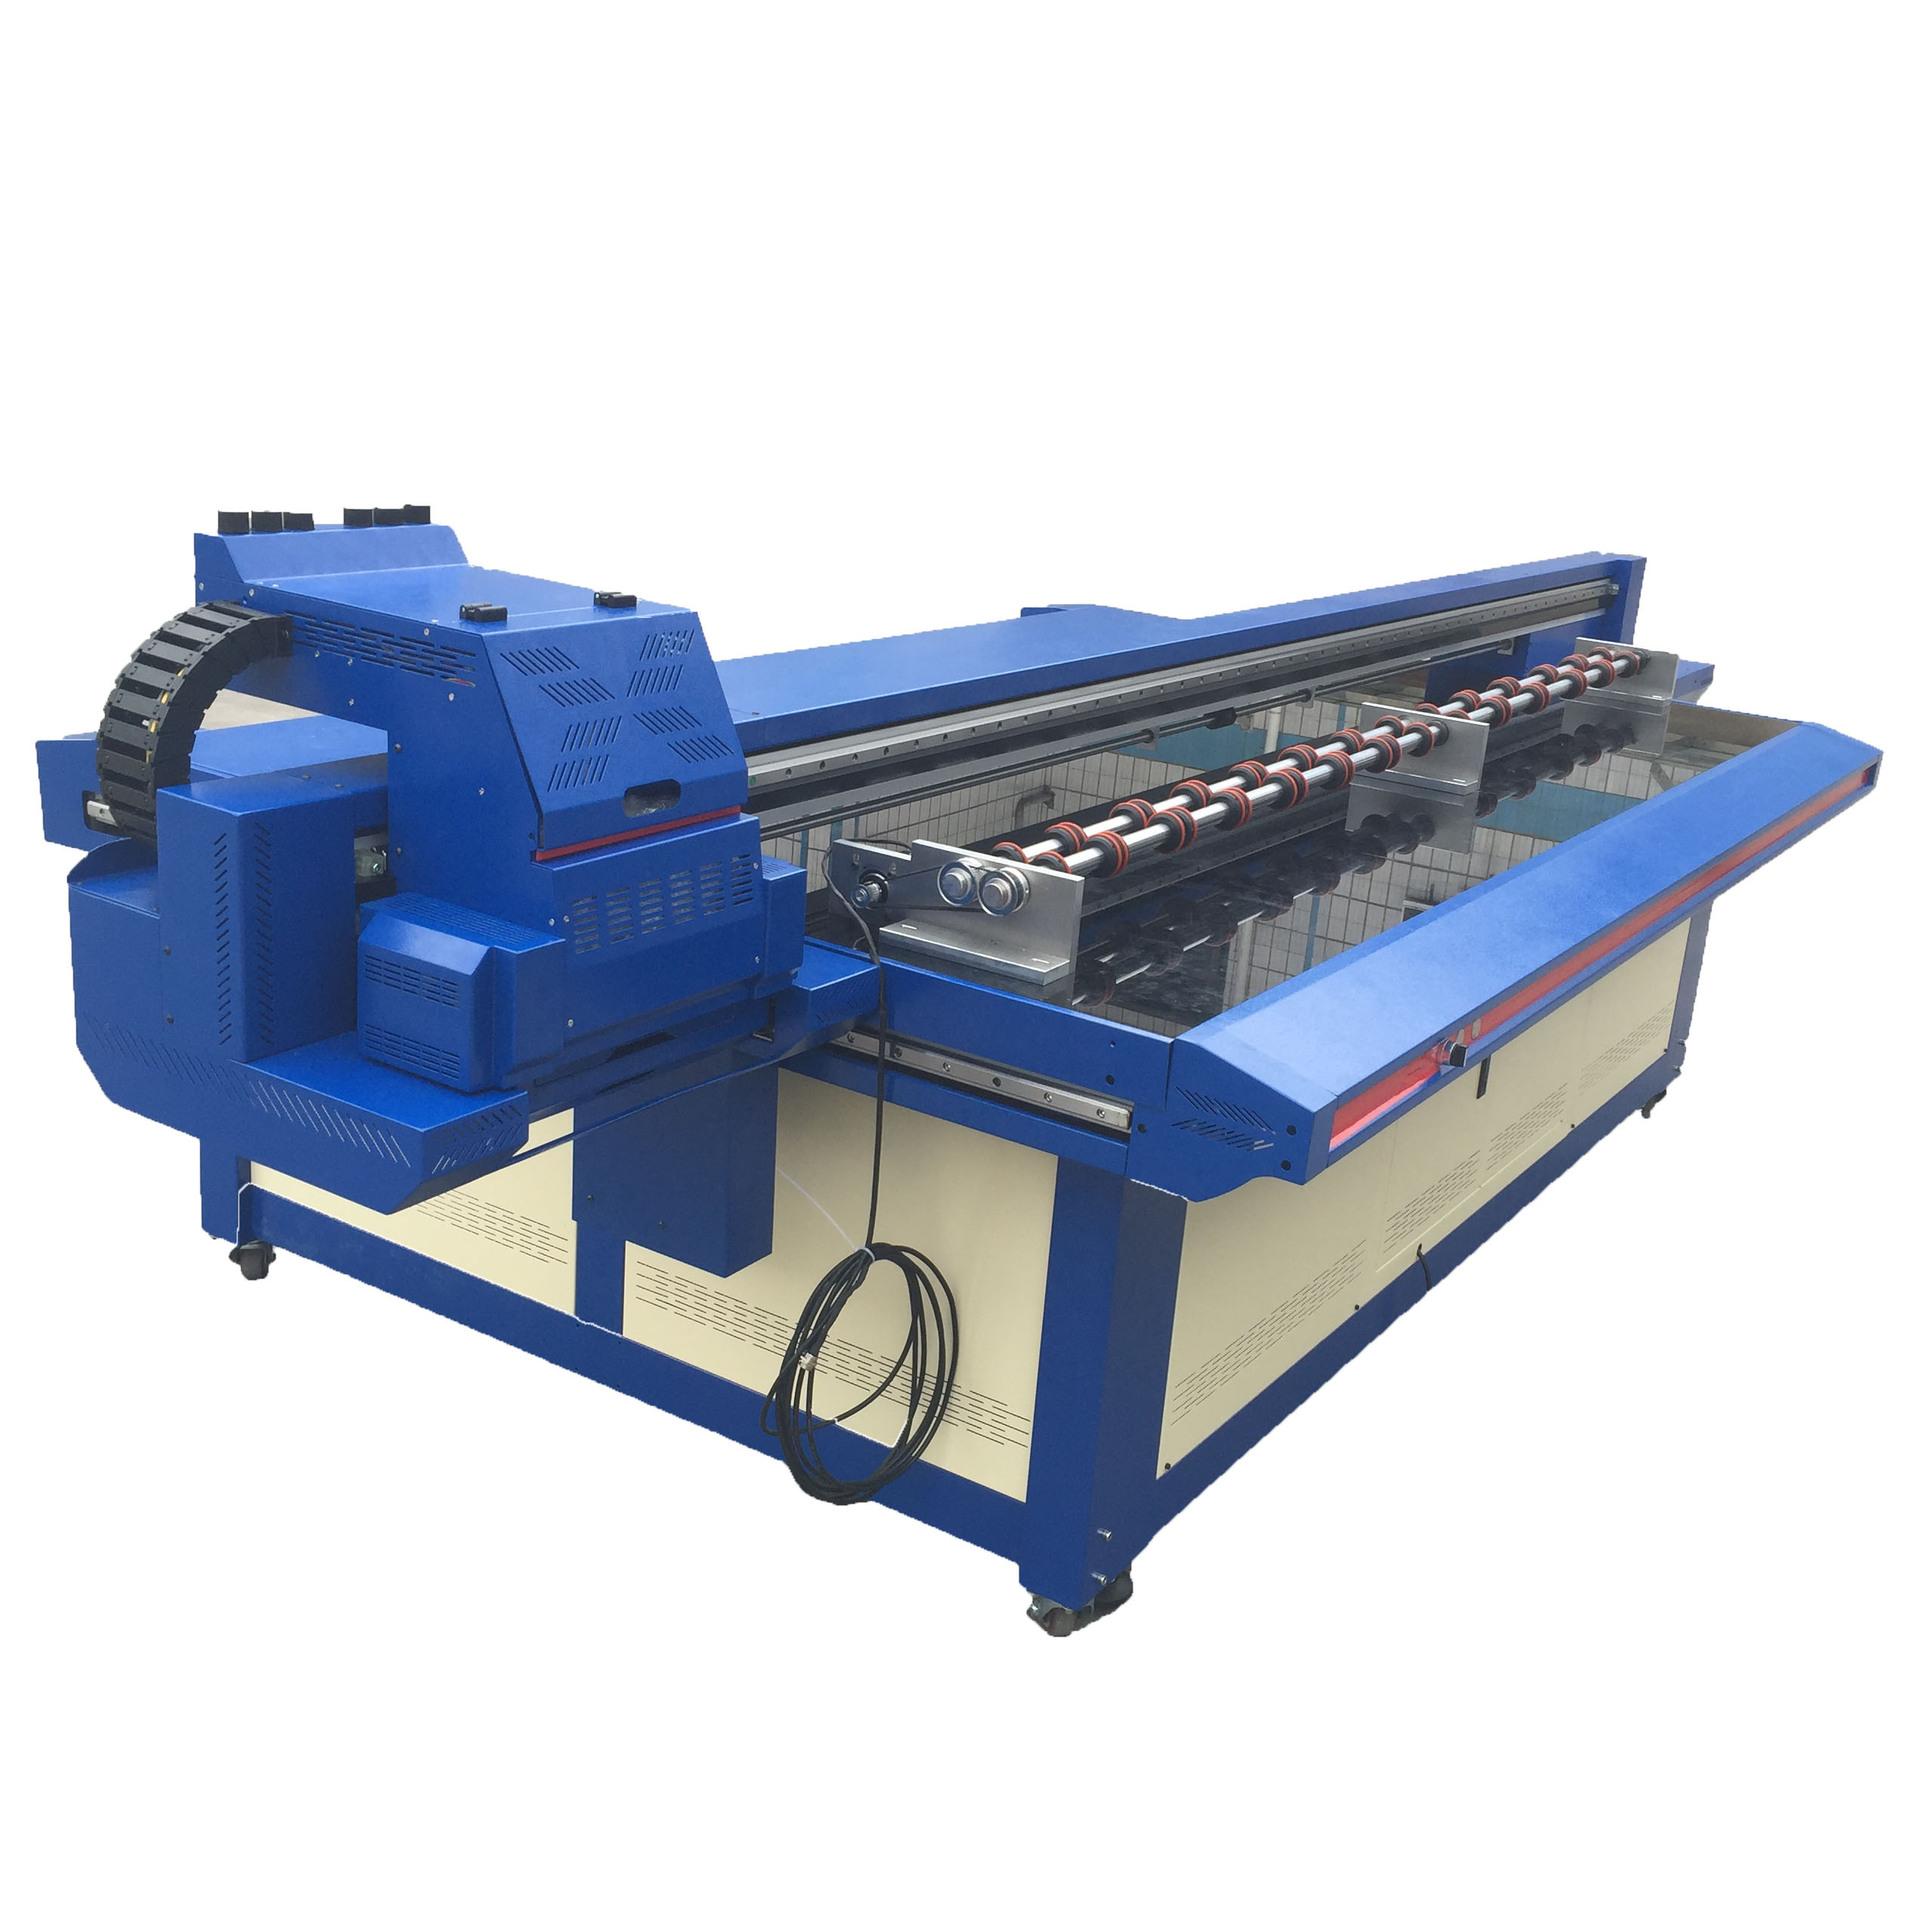 Epson Thiết bị lập nghiệp Liên doanh sản xuất thiết bị sợi tre tích hợp bảng tường máy in phun 3D gỗ